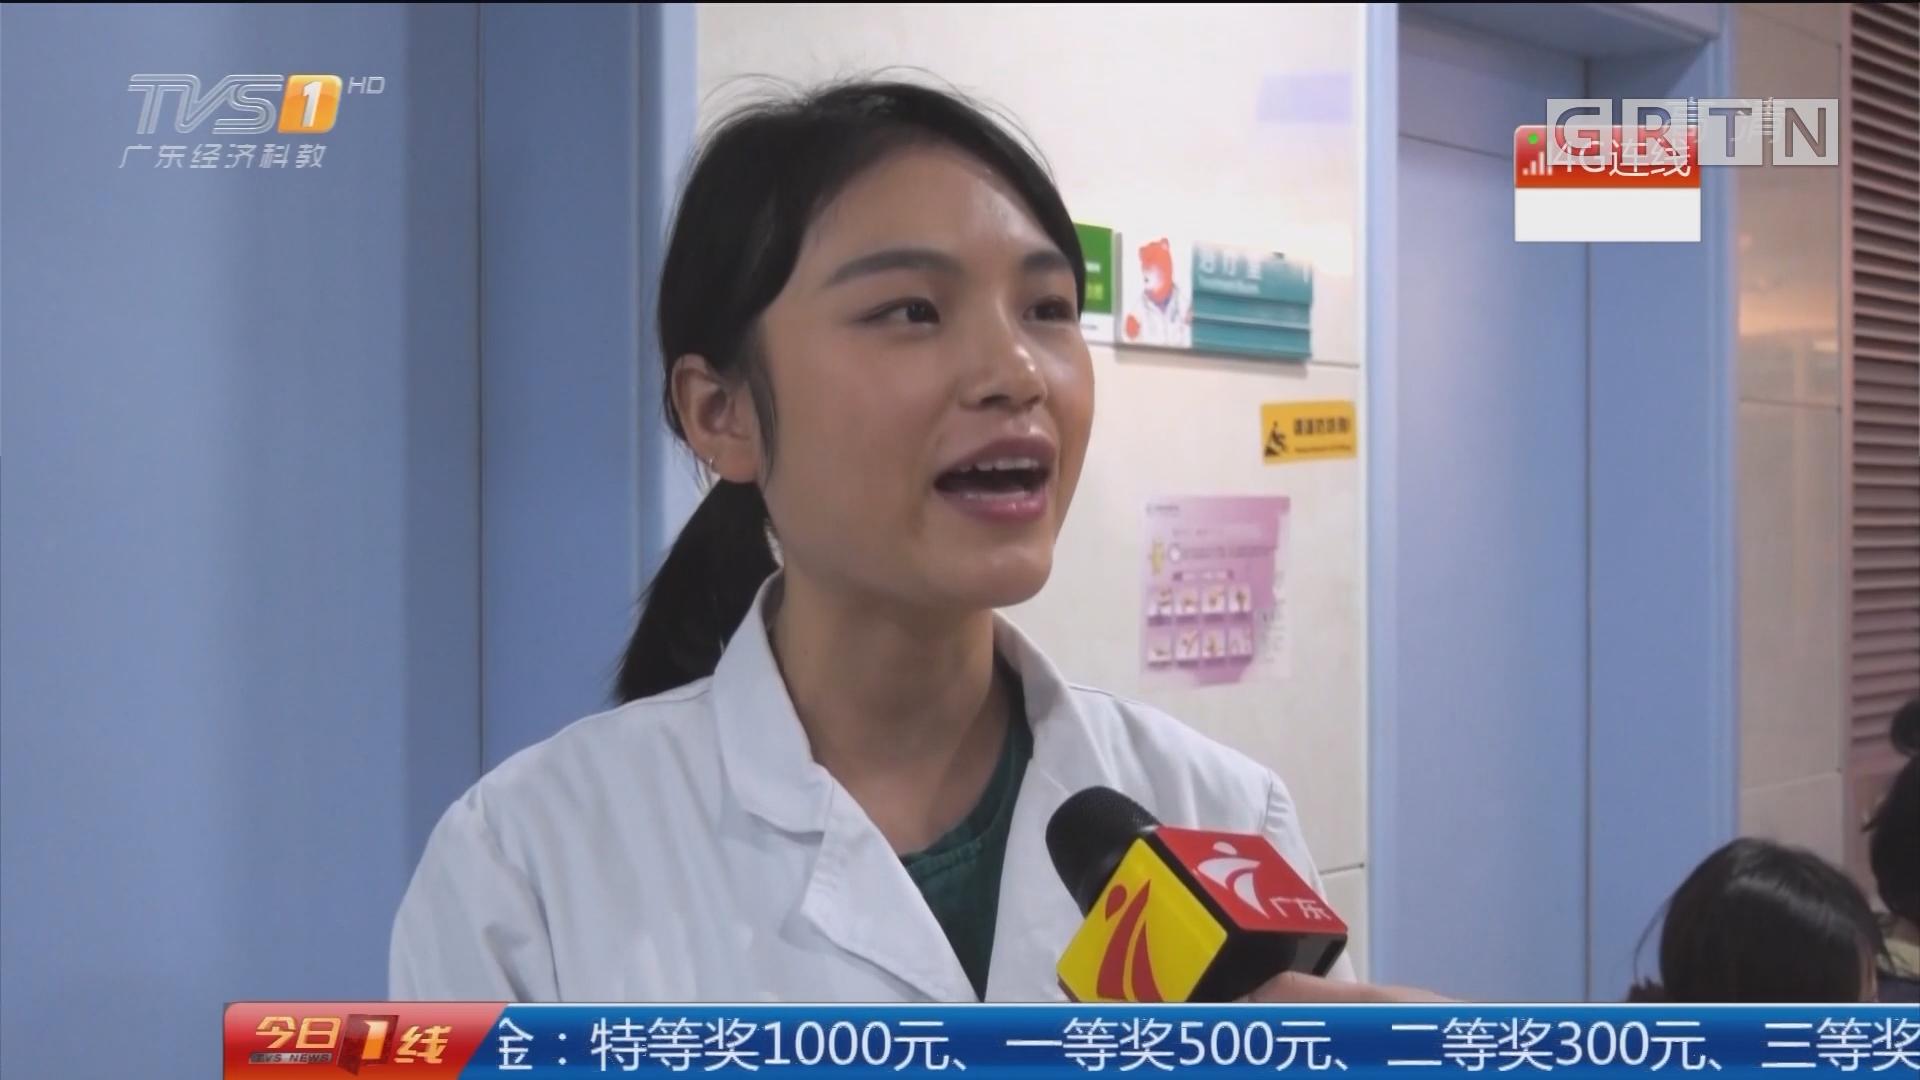 直播连线:寒冬夜的儿科医院 感冒发烧患儿夜间急诊量大增